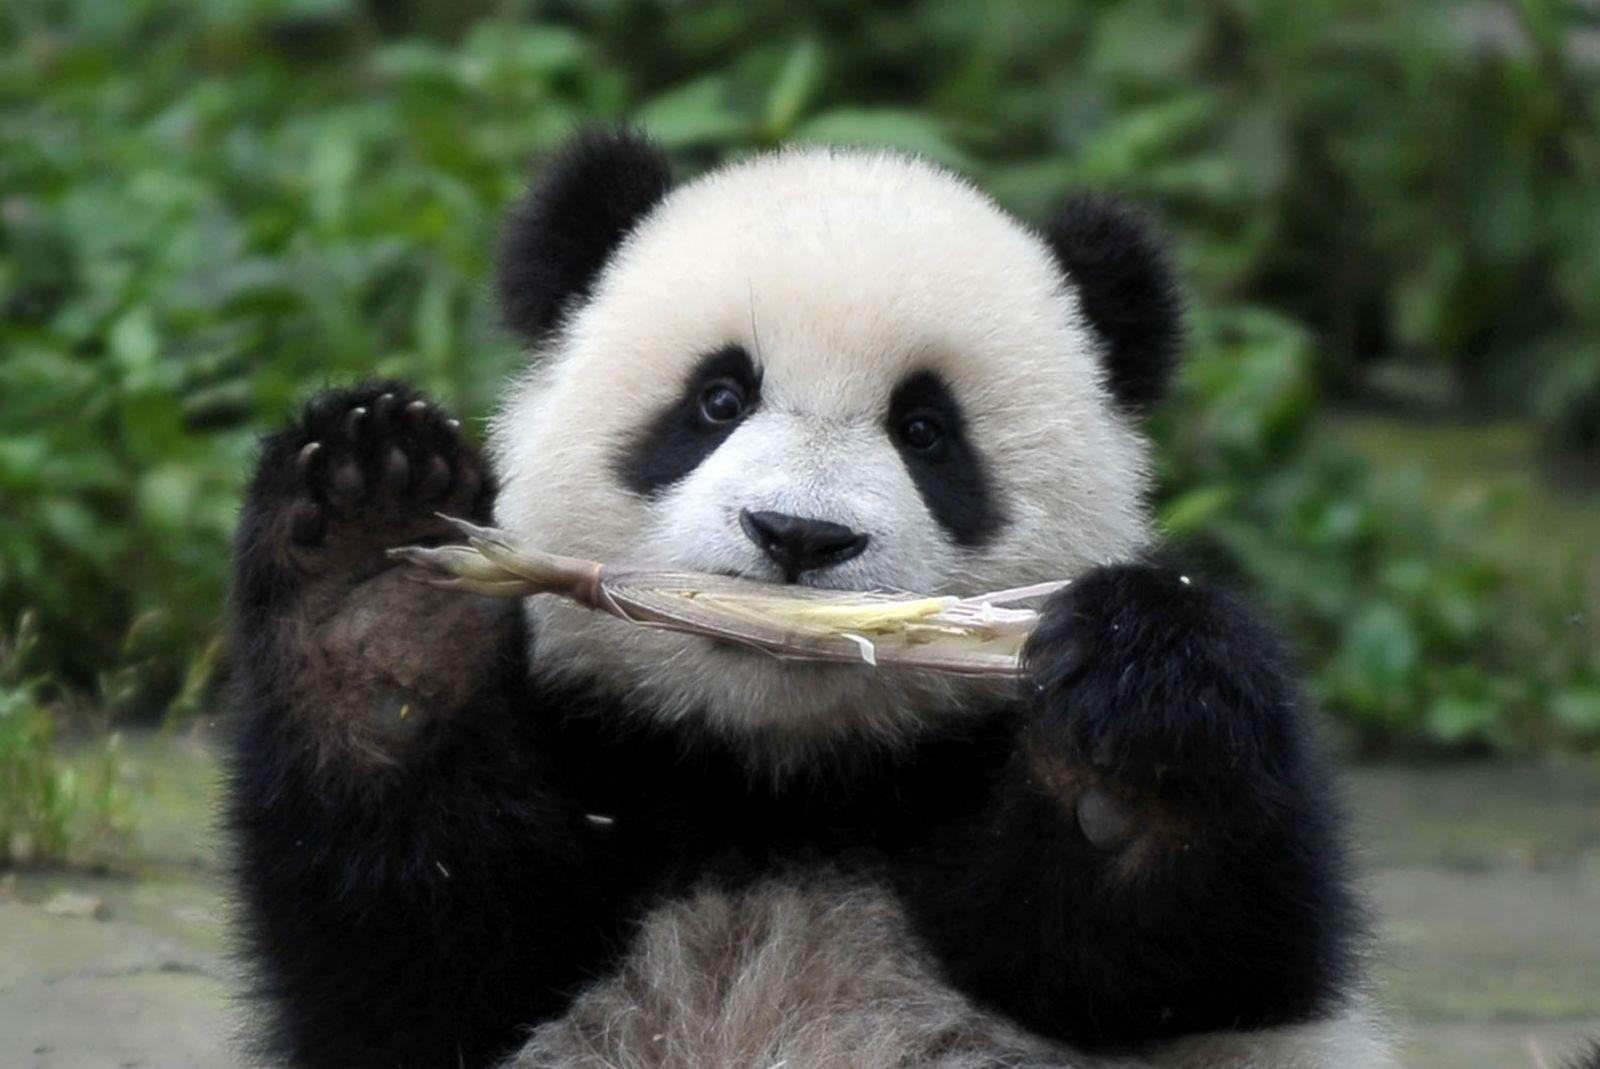 在中国保护大熊猫研究中心雅安碧峰峡基地,一只大熊猫在吃竹笋(2014年